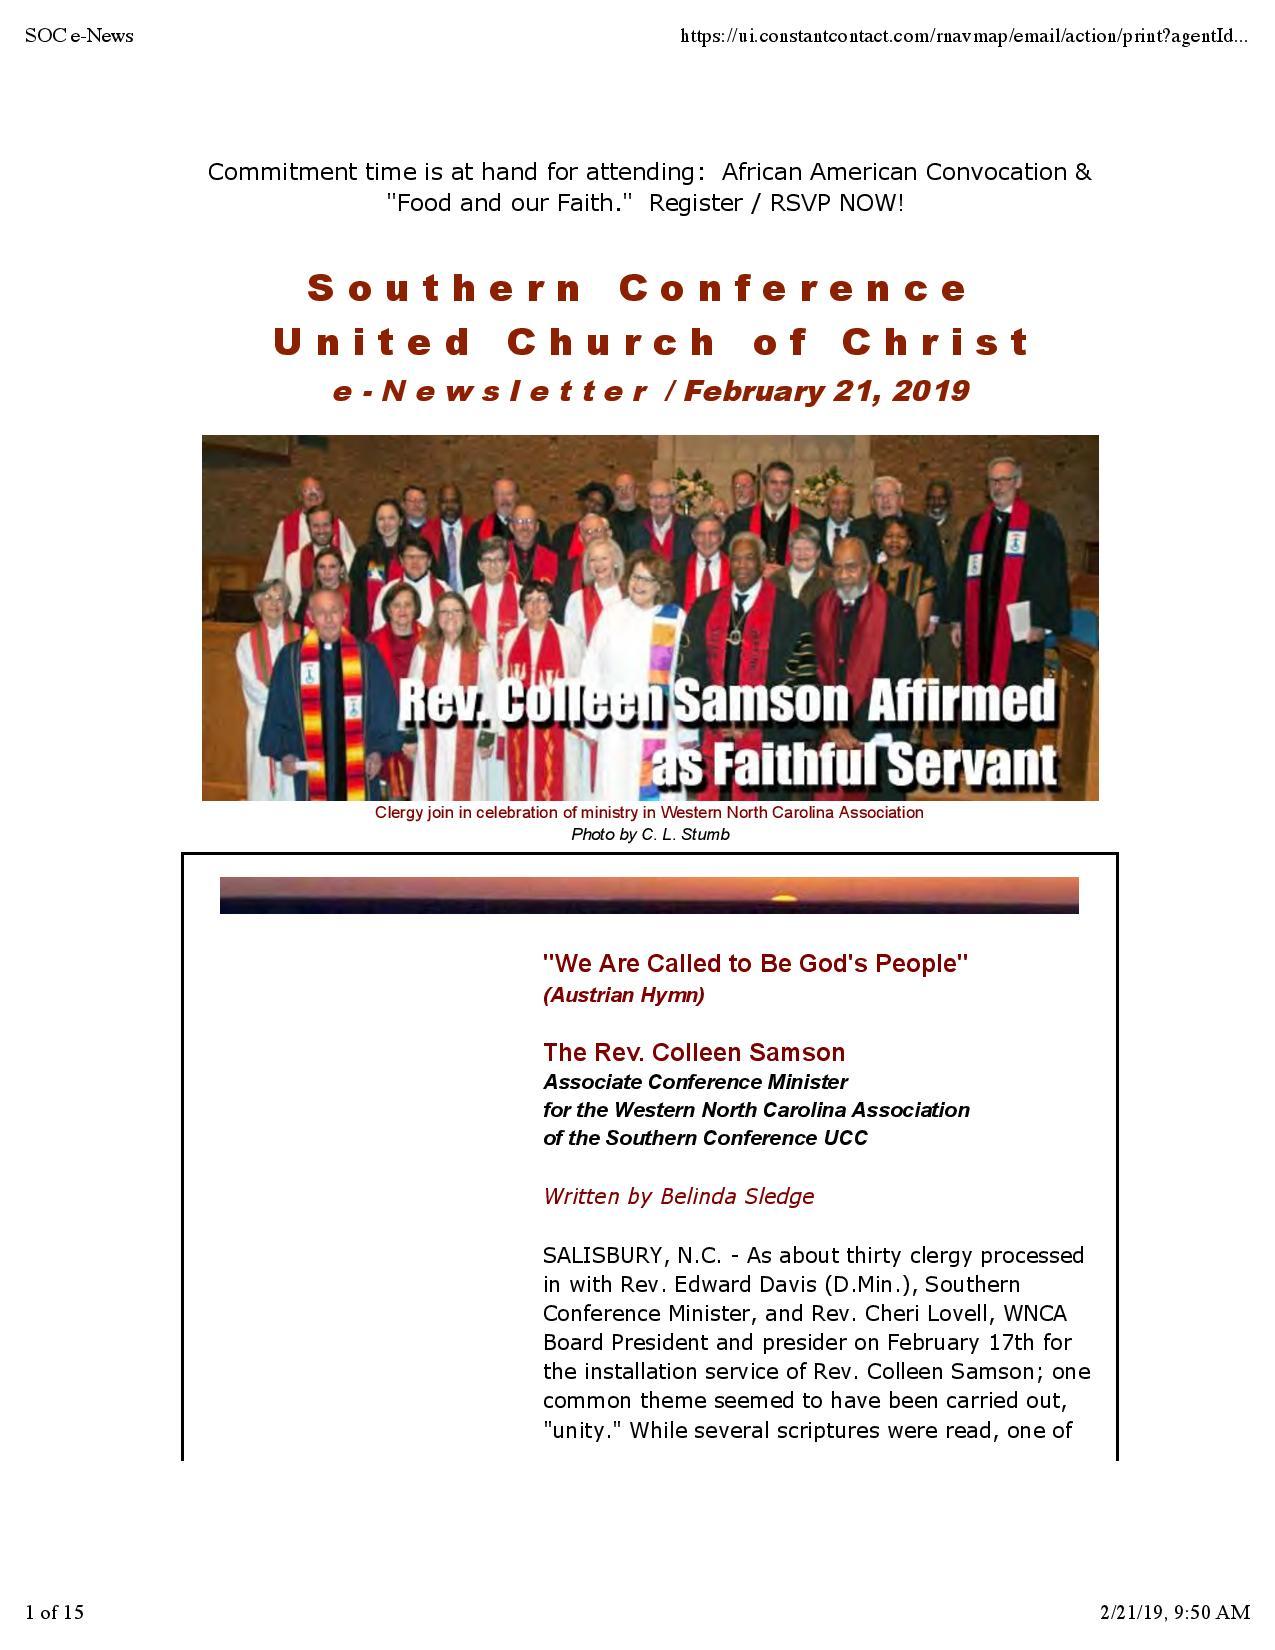 SOC_e-News_2-21-19-page-001.jpg